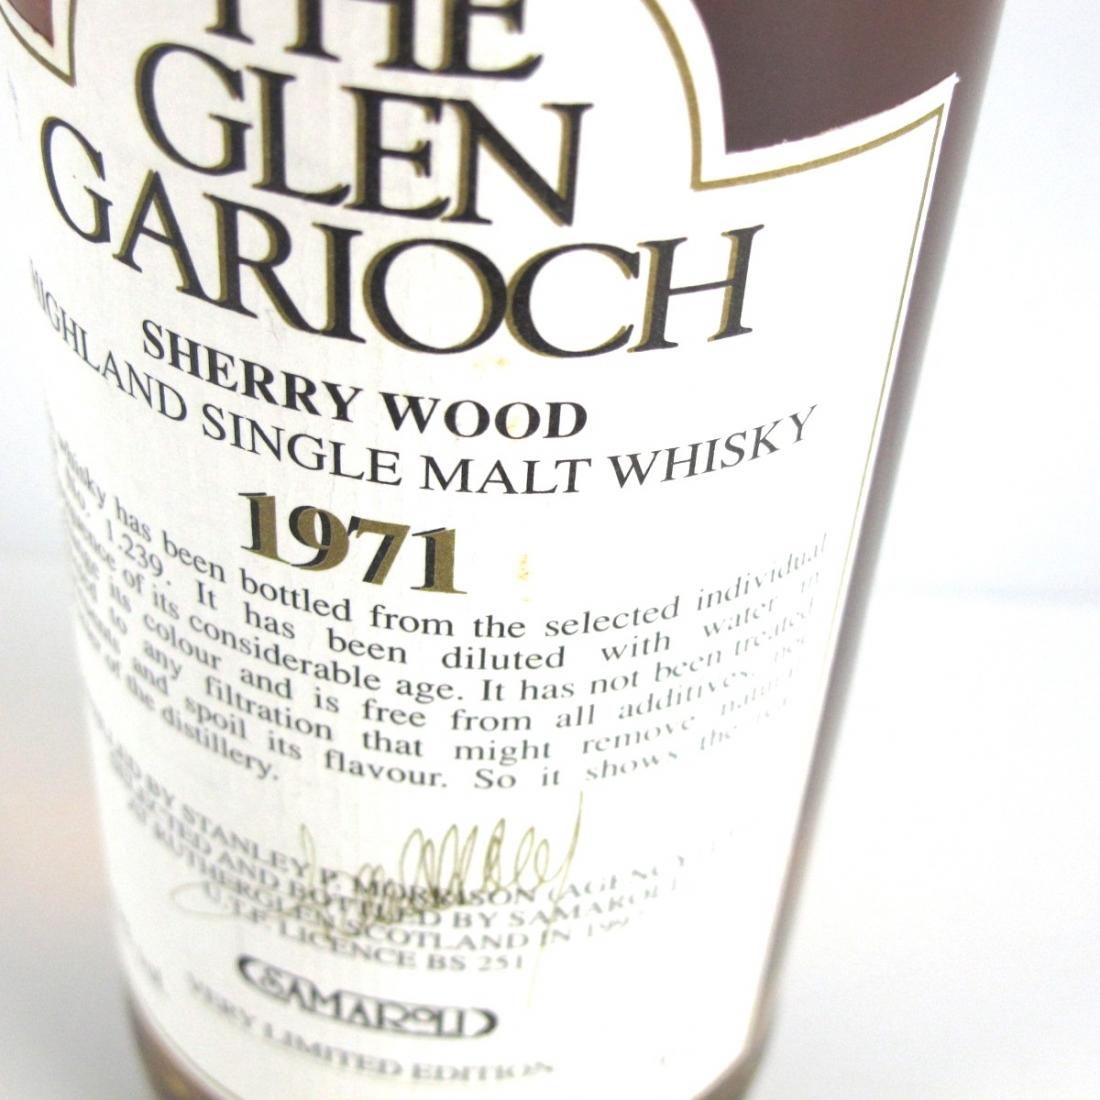 Glen Garioch 1971 Samaroli Sherry Wood Single Cask